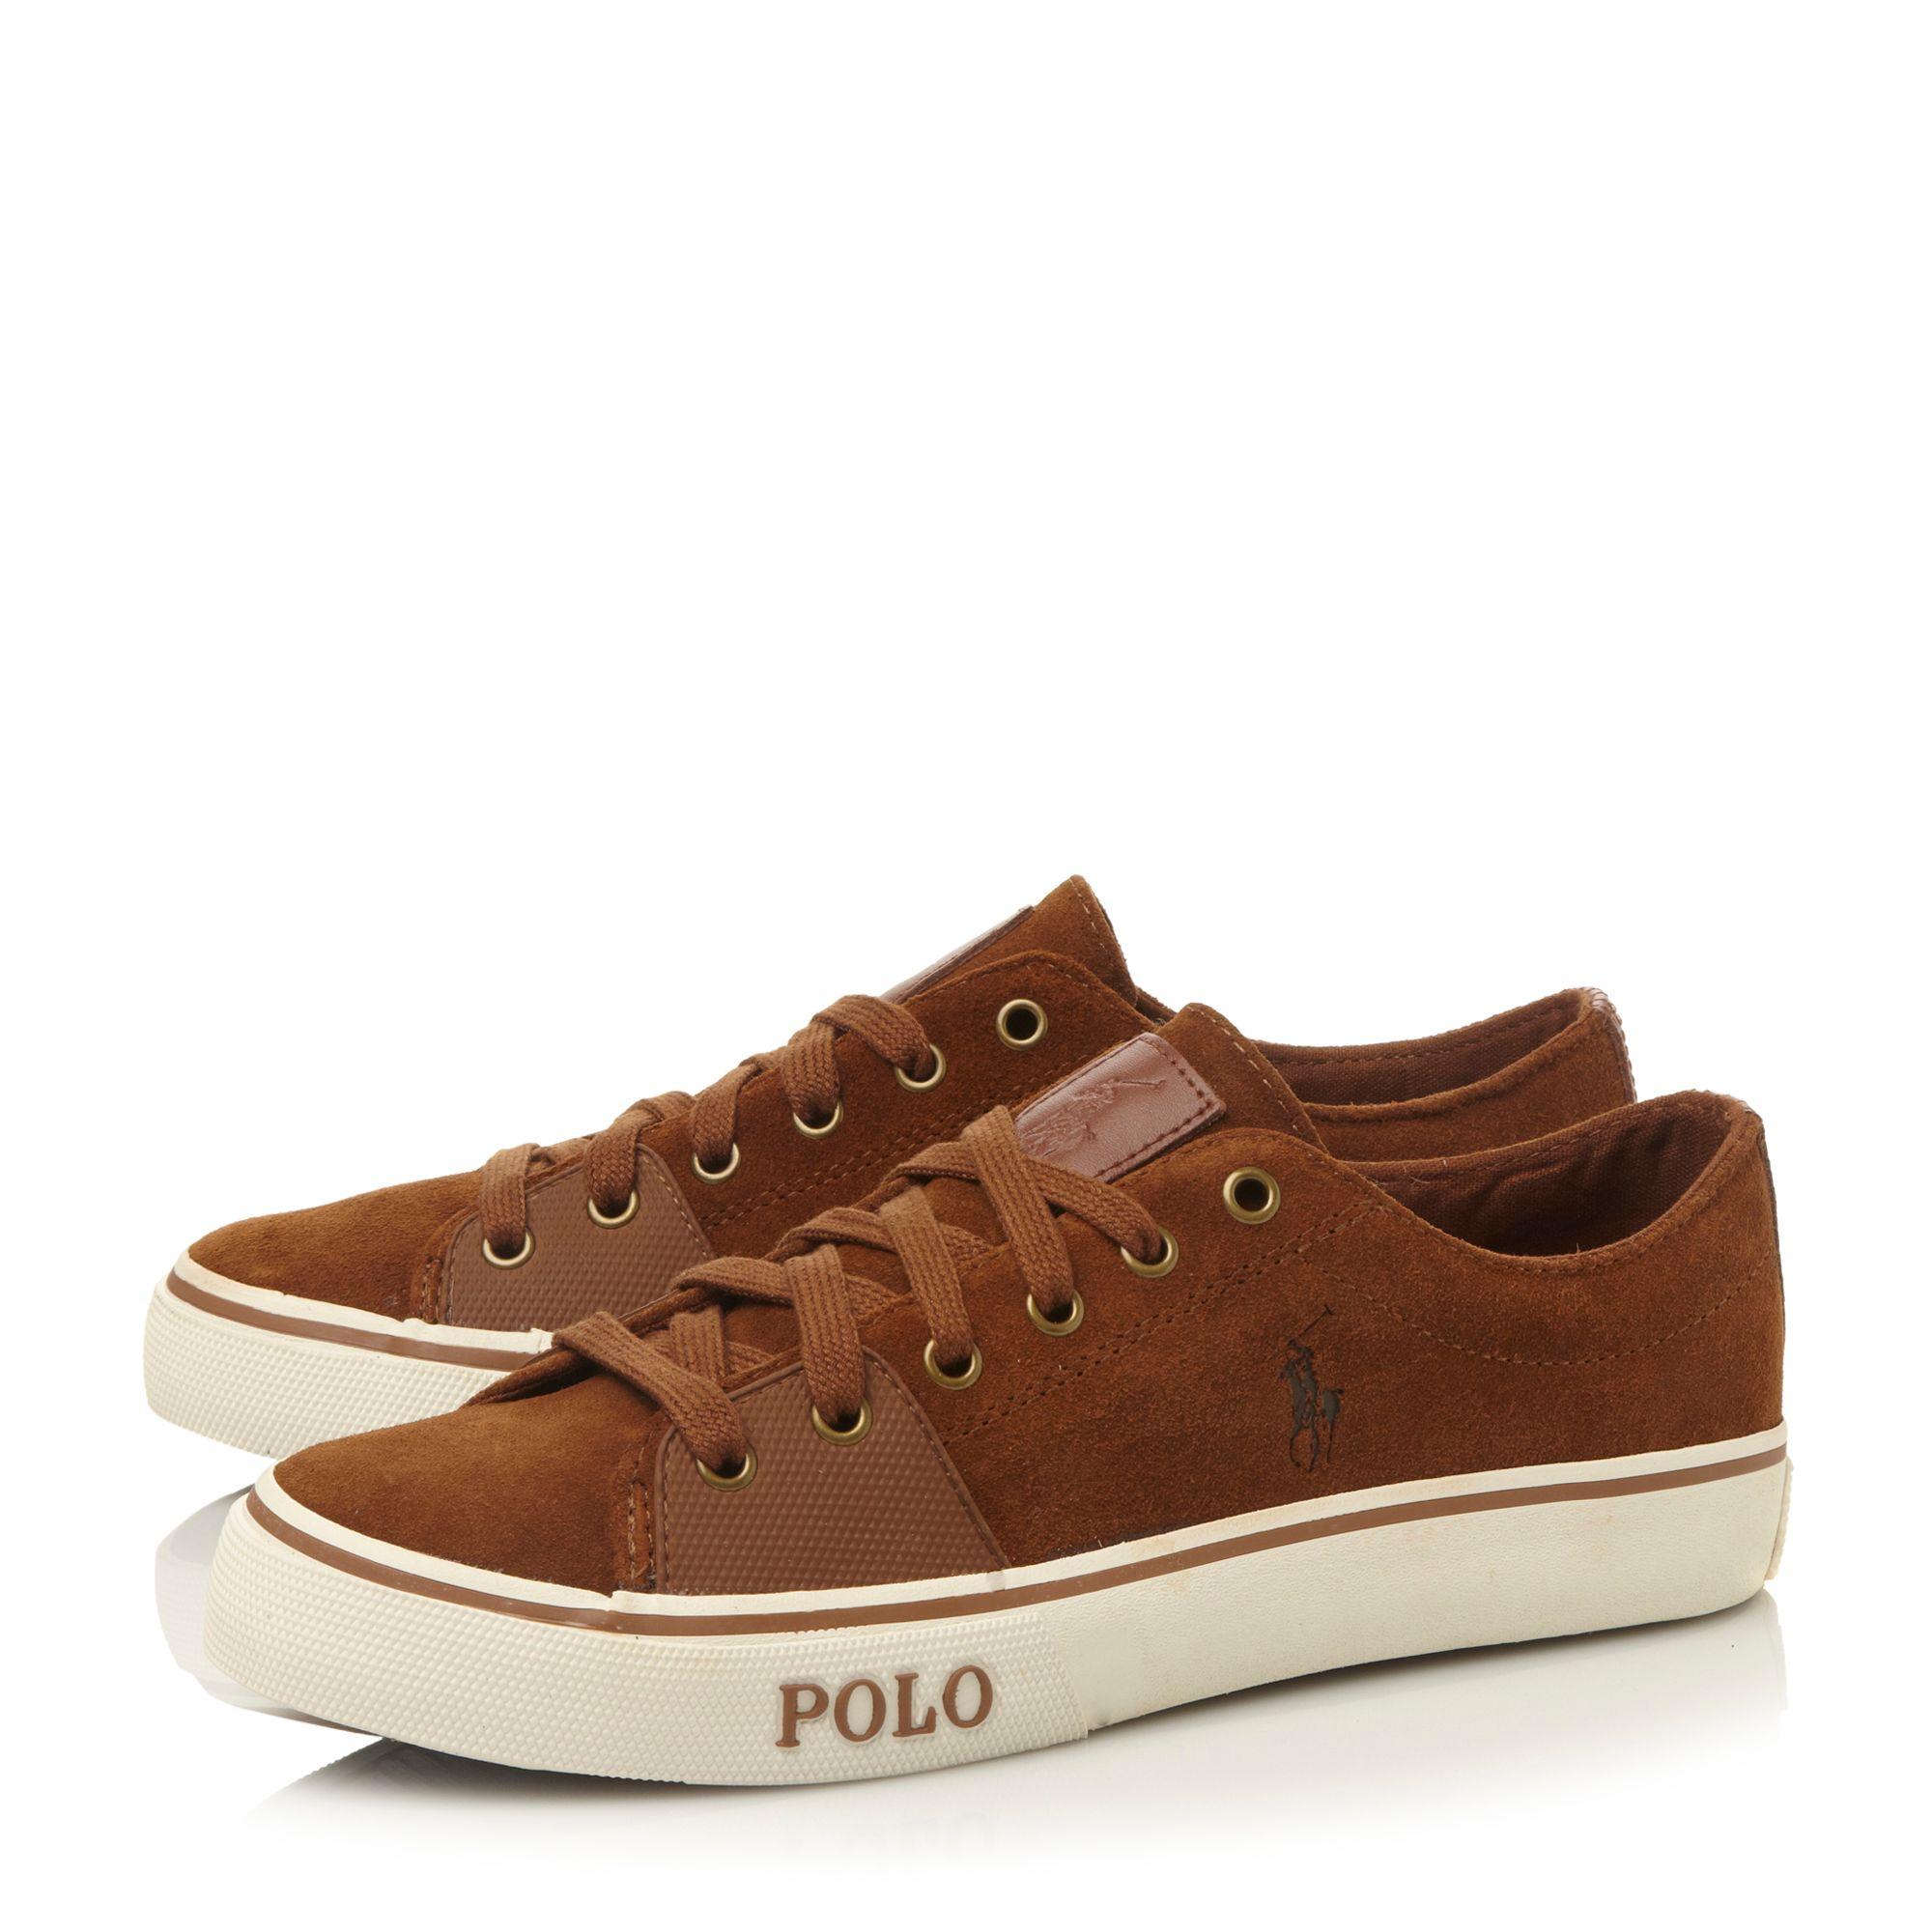 Polo Ralph Lauren Mens House Shoes